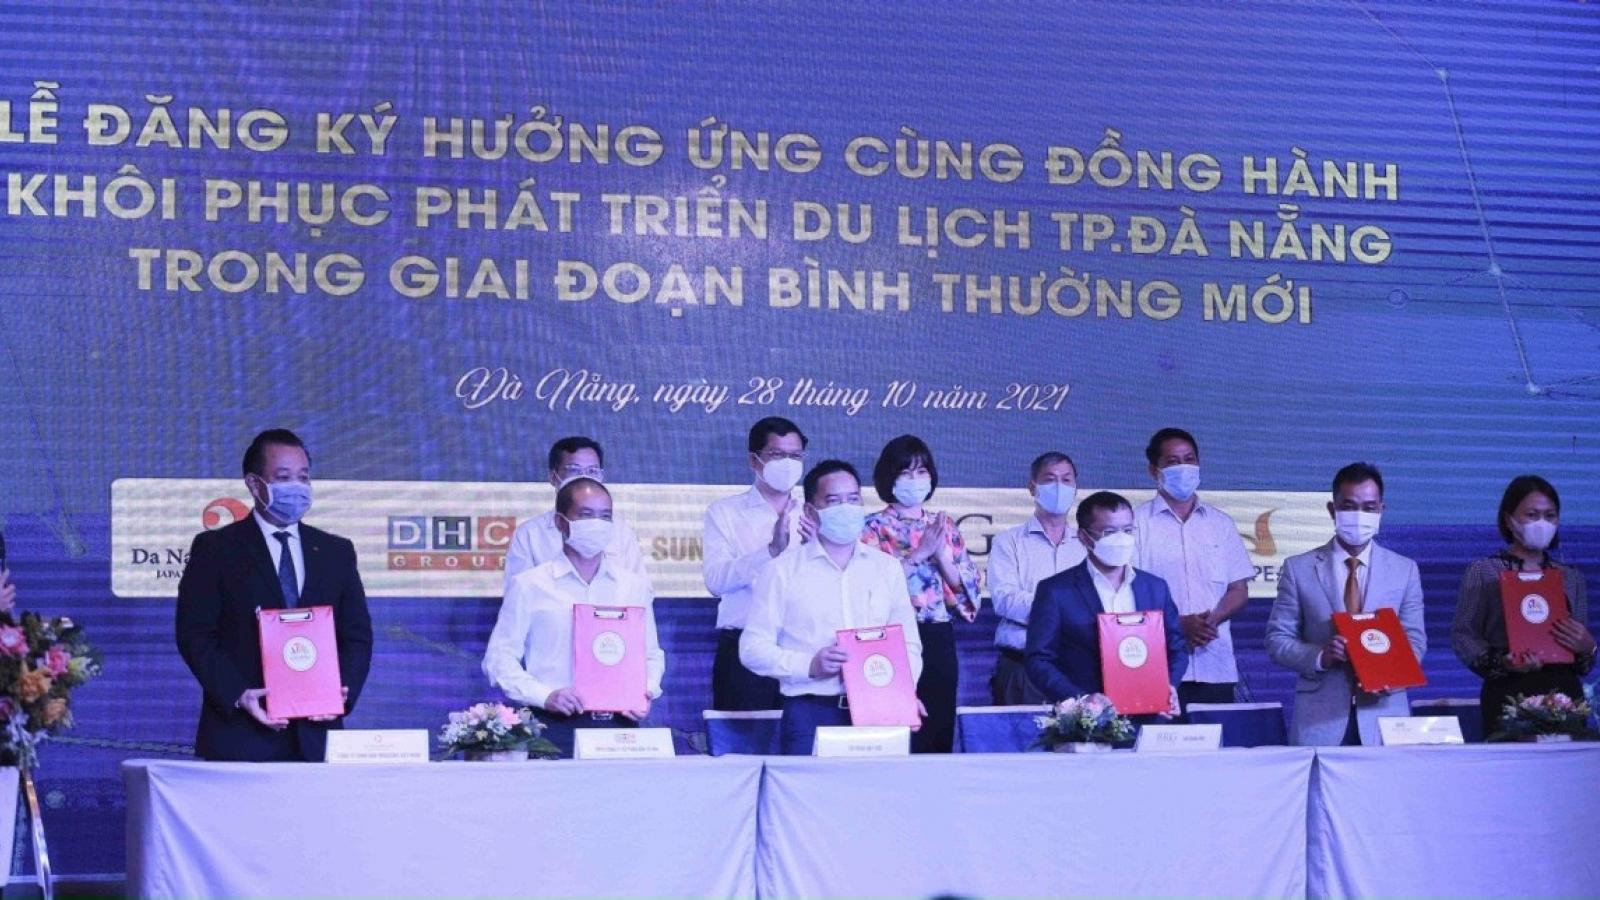 Đà Nẵng công bố kế hoạch khôi phục hoạt động du lịch